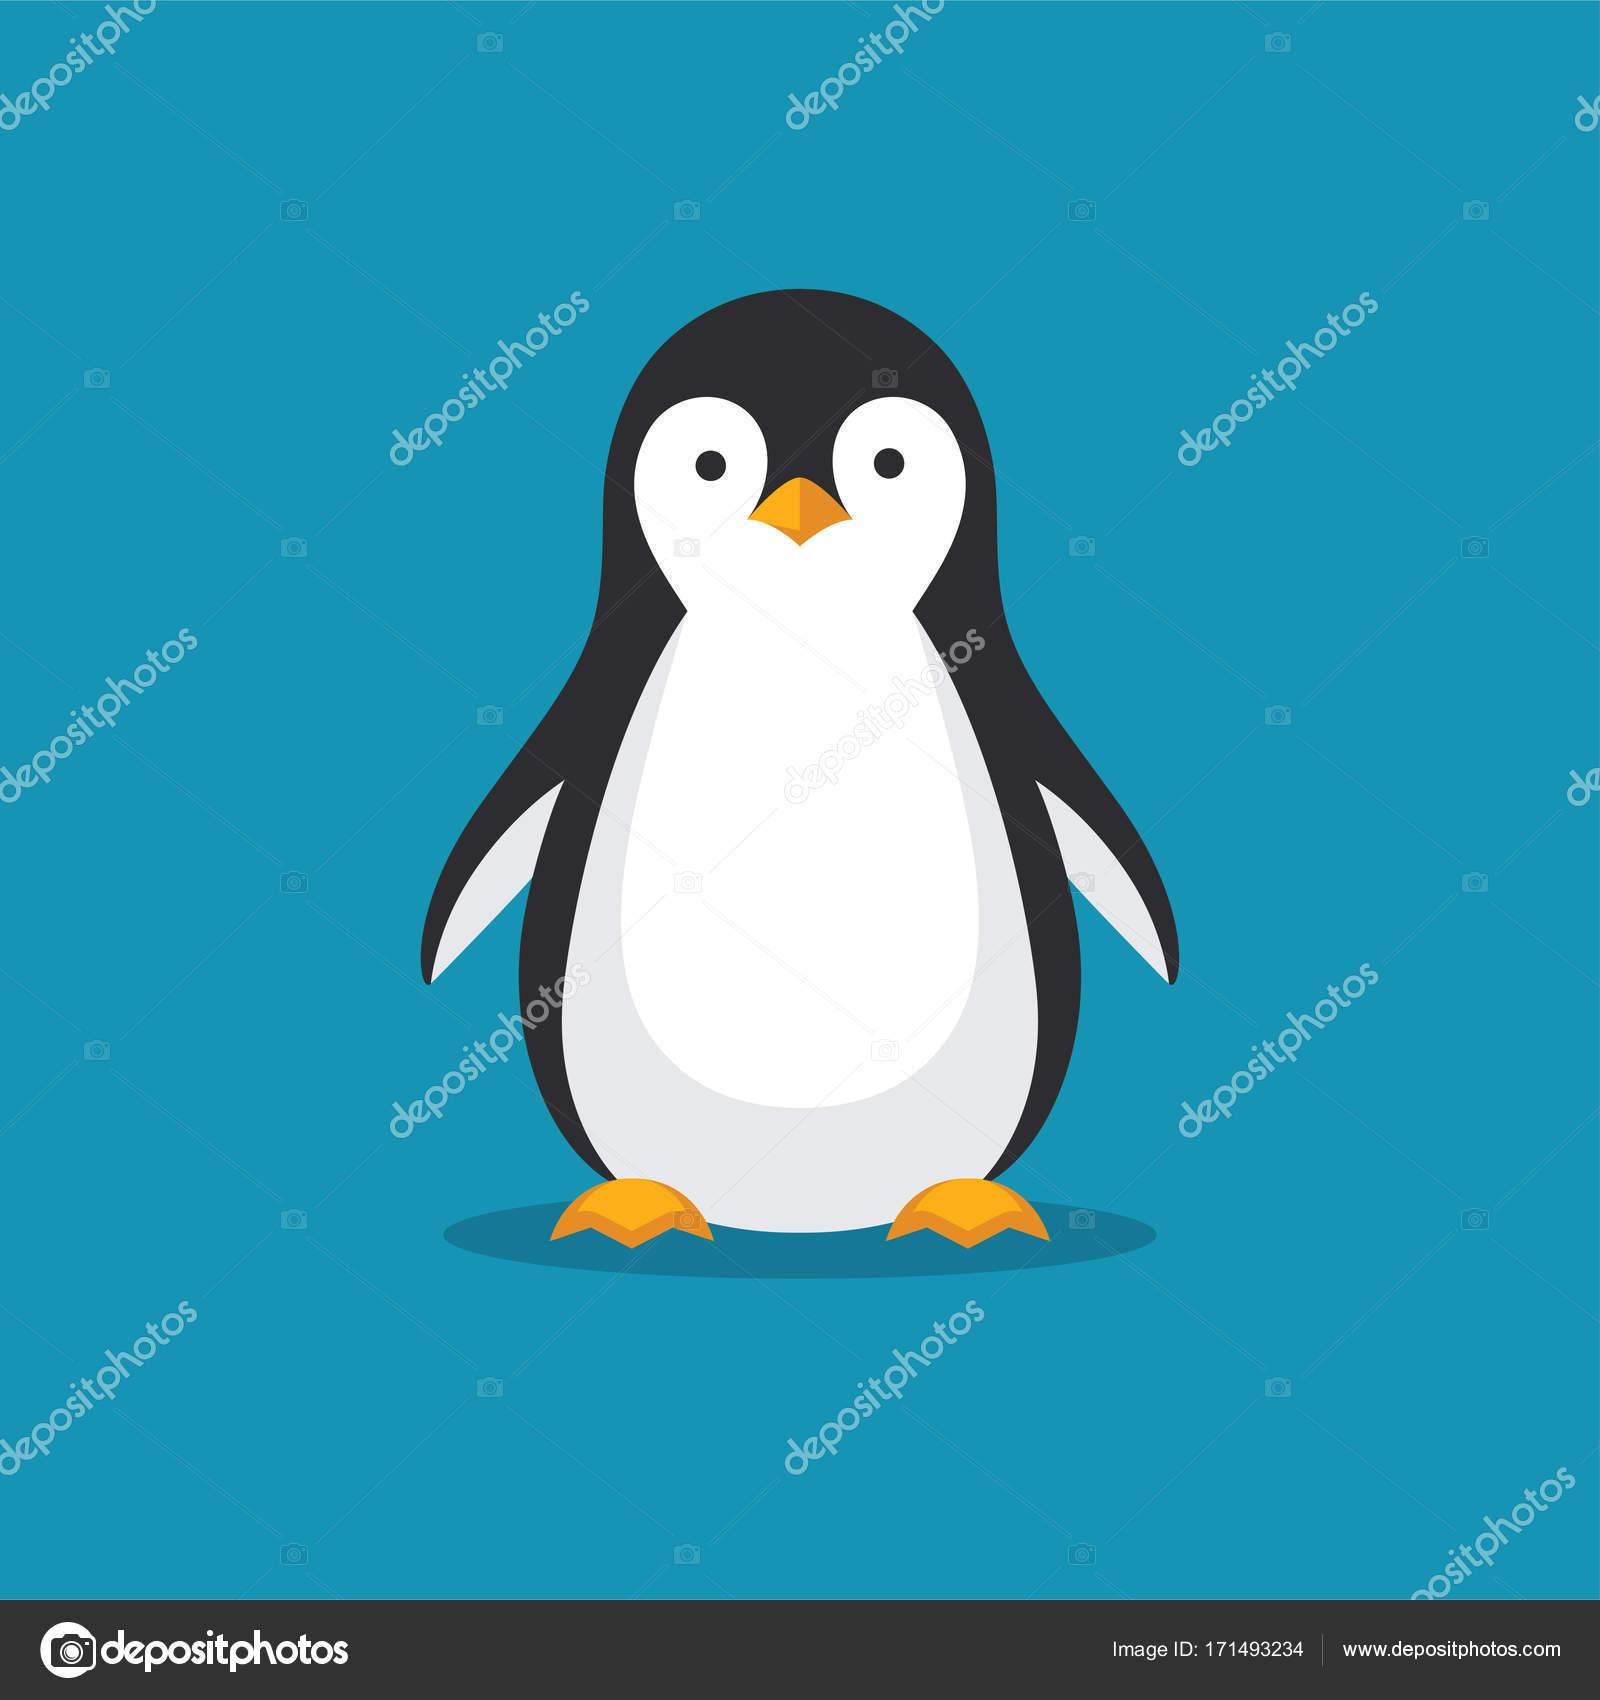 フラット スタイルのかわいいペンギン アイコン。寒い冬のシンボルです。南極鳥、動物のイラスト \u2014 ベクターmaglyvi